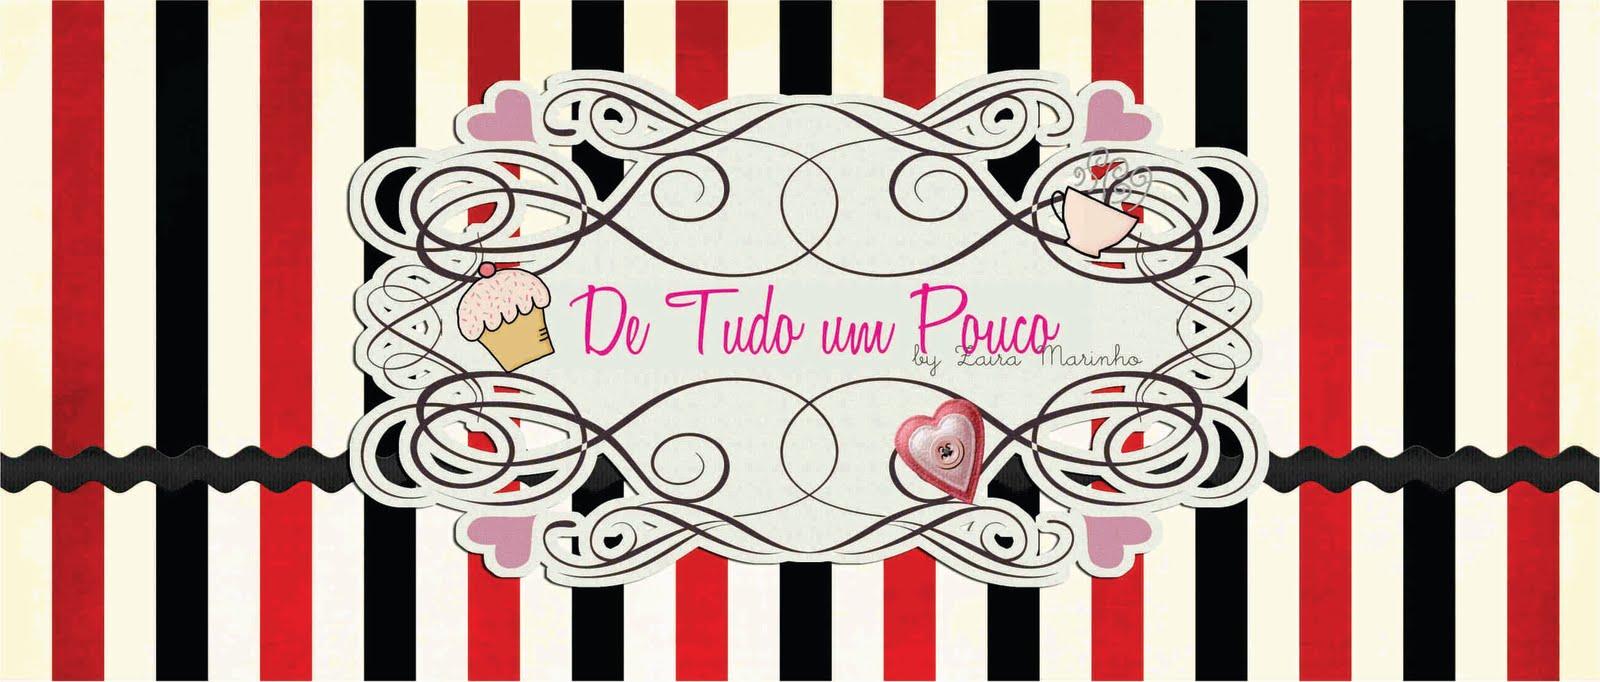 Zaira Marinho - De tudo um pouco... e mais um pouquinho...